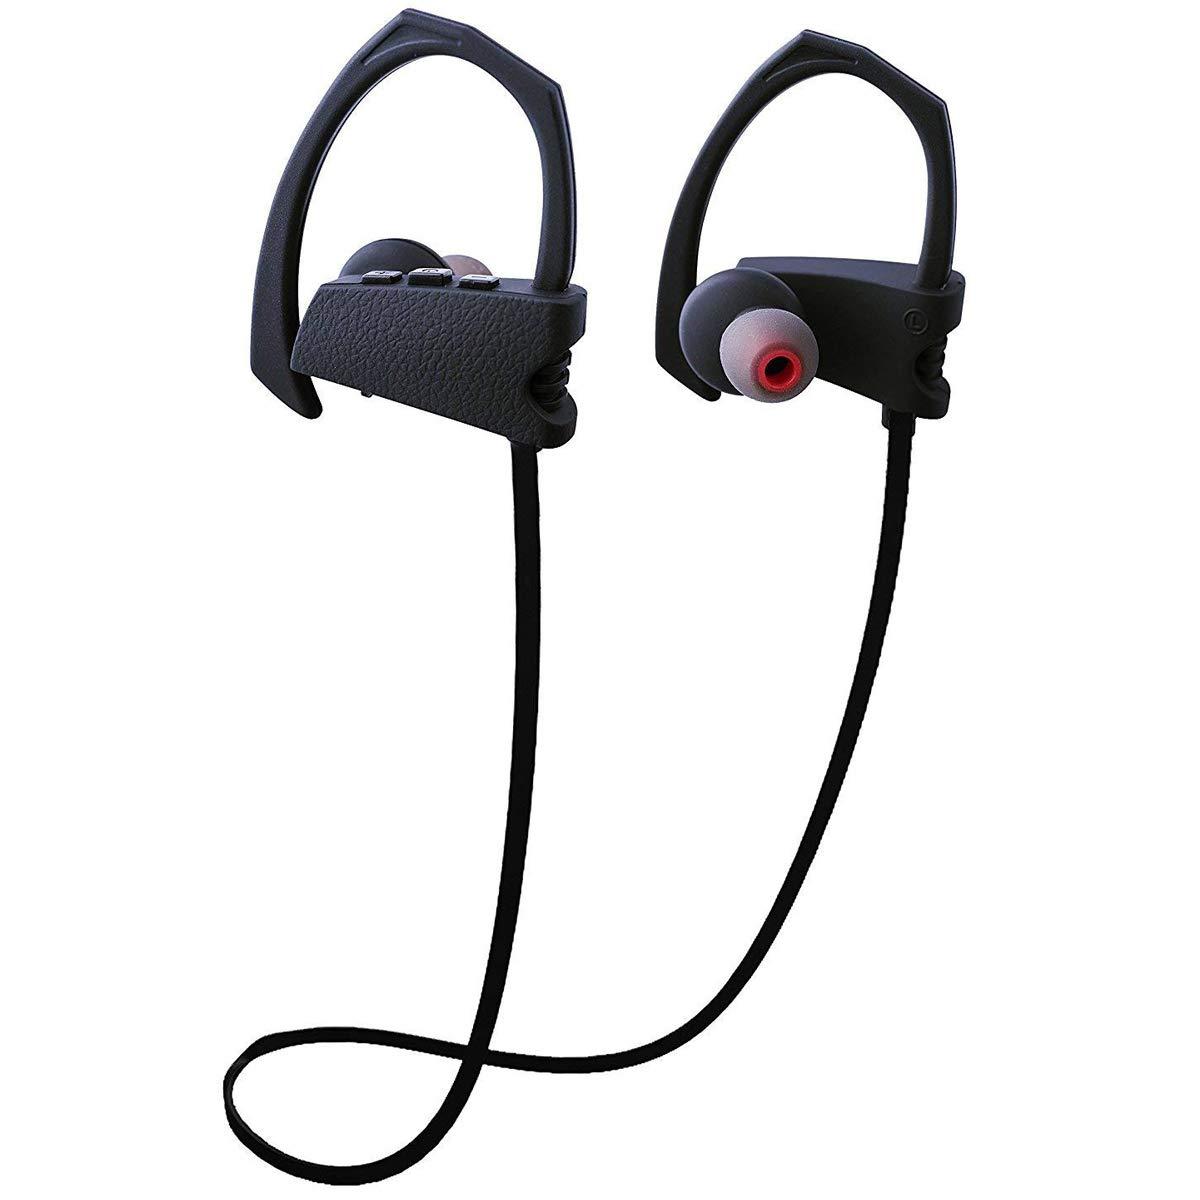 Bluetoothヘッドホン プロフェッショナルワイヤレスイヤホン スポーツイヤホン ステレオ 防水 IPX6 ヘッドセット ノイズキャンセリング マイク付き 音声プロンプトフィット iPhone/Androidスマートフォン ジム ランニング ワークアウト用 B07L6Y9CVK